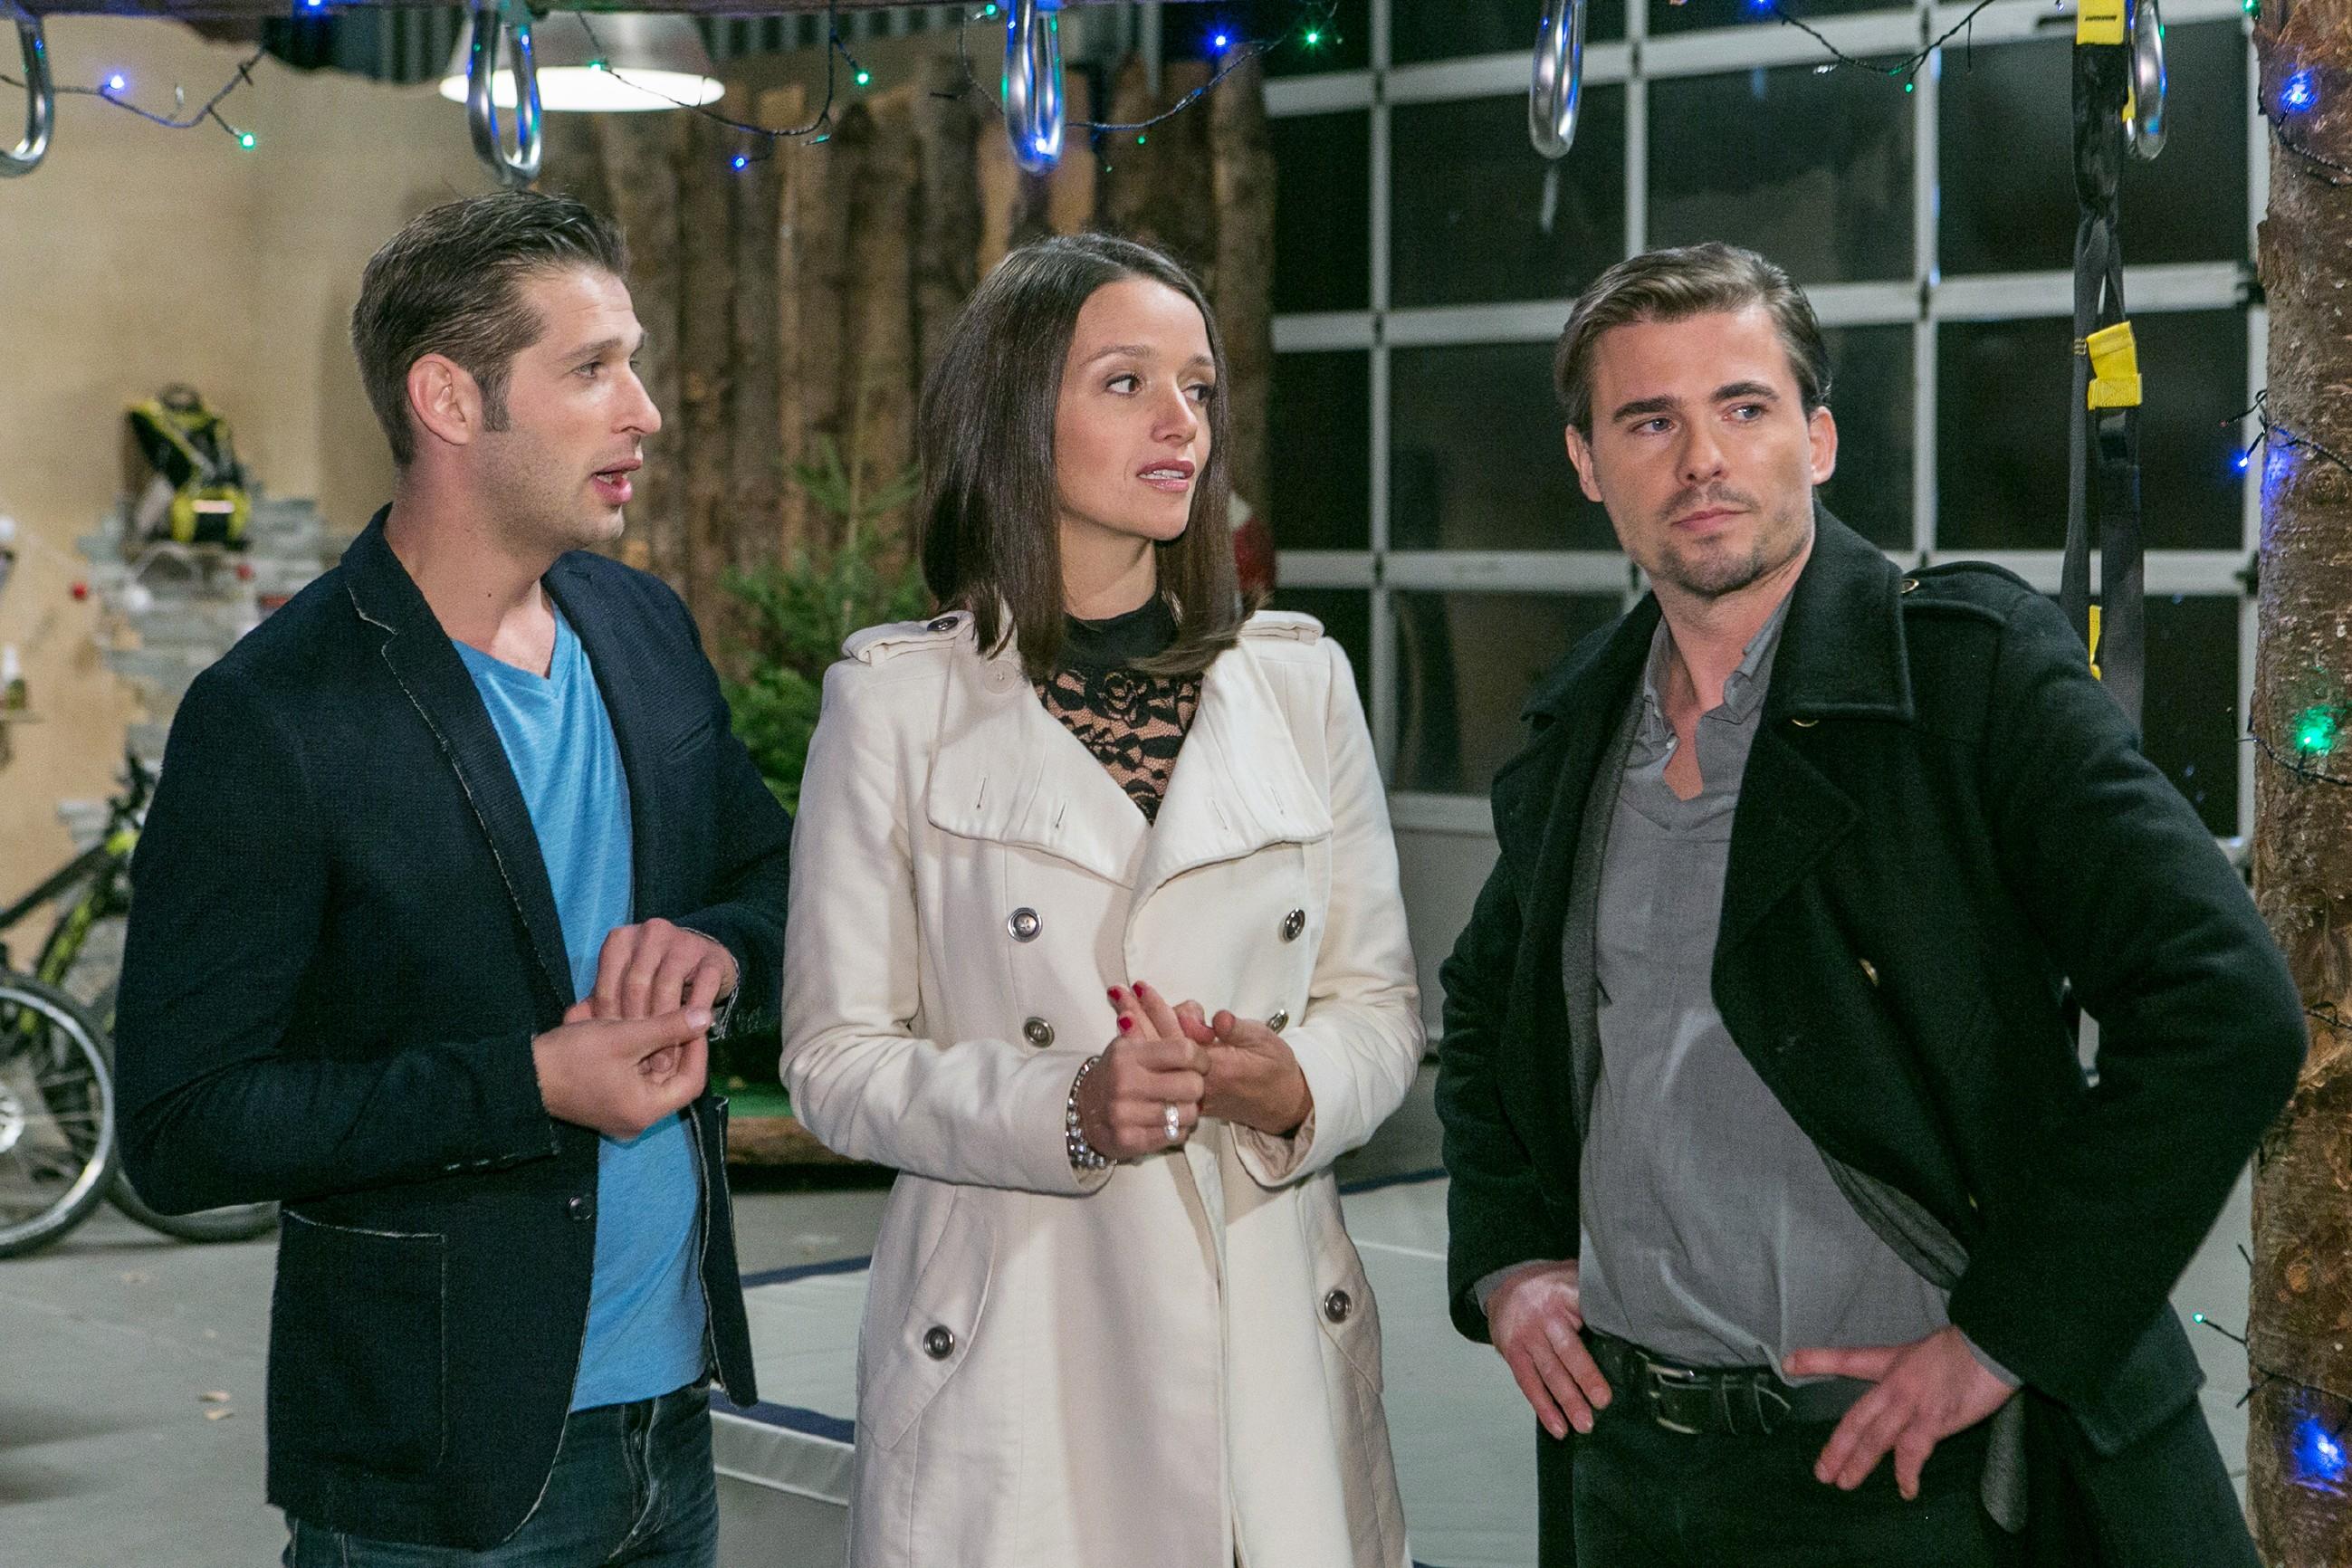 Deniz (Igor Dolgatschew, l.) und Jenny (Kaja Schmidt-Tychsen) müssen ihre Aussprache verschieben, als Falko Pachlhuber (Max Claus) in ihr Gespräch platzt. (Quelle: RTL / Kai Schulz)